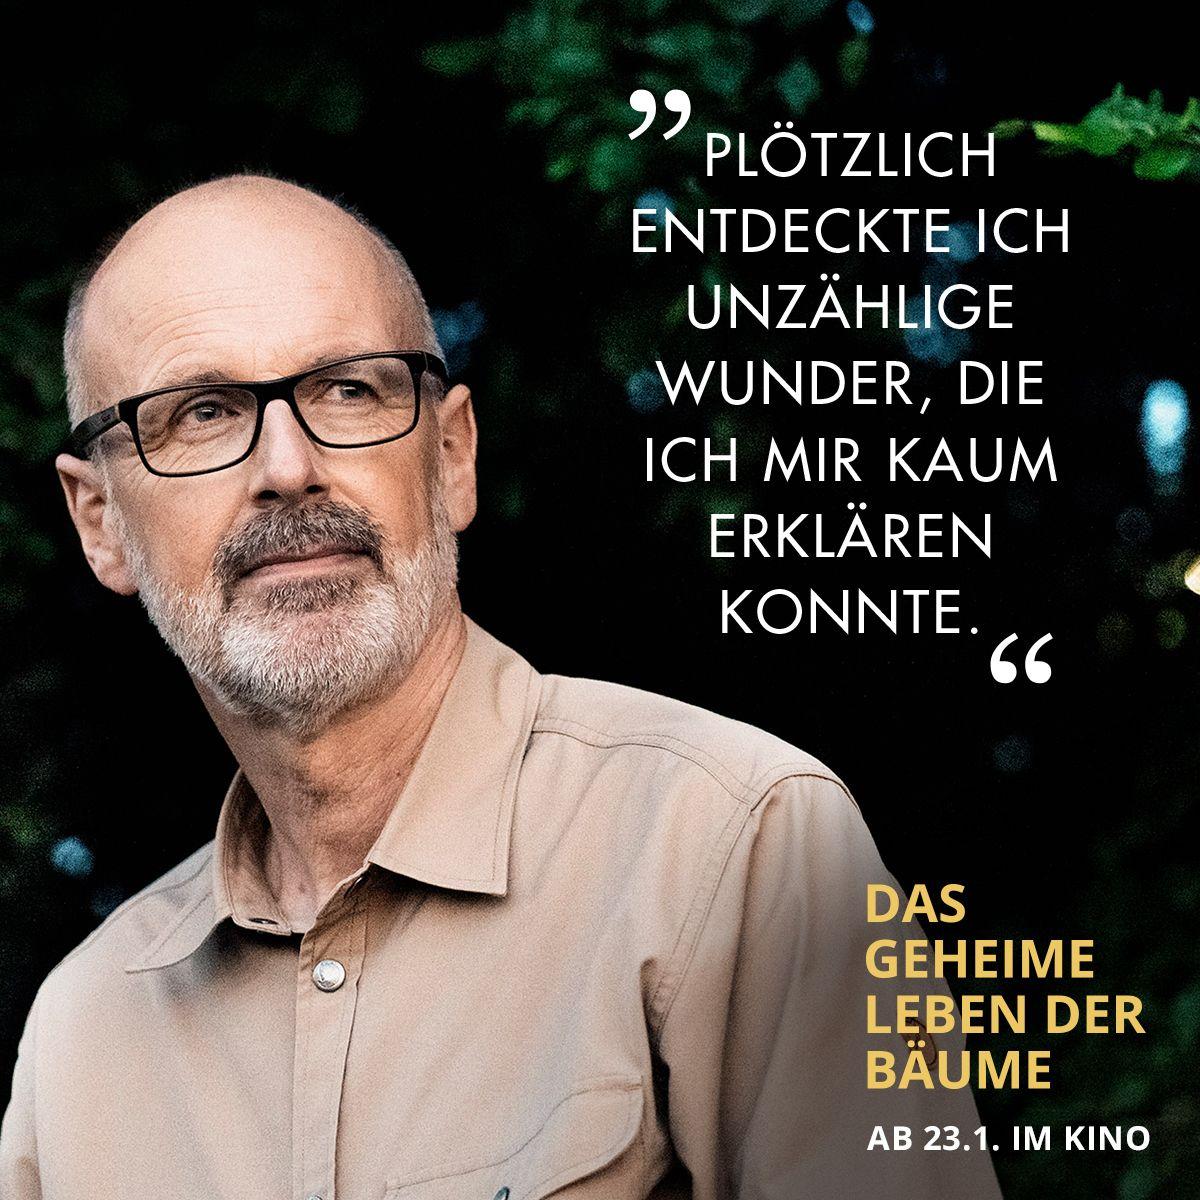 Pin Von Constantin Film Auf Das Geheime Leben Der Baume Constantin Film Filme Und Geheim